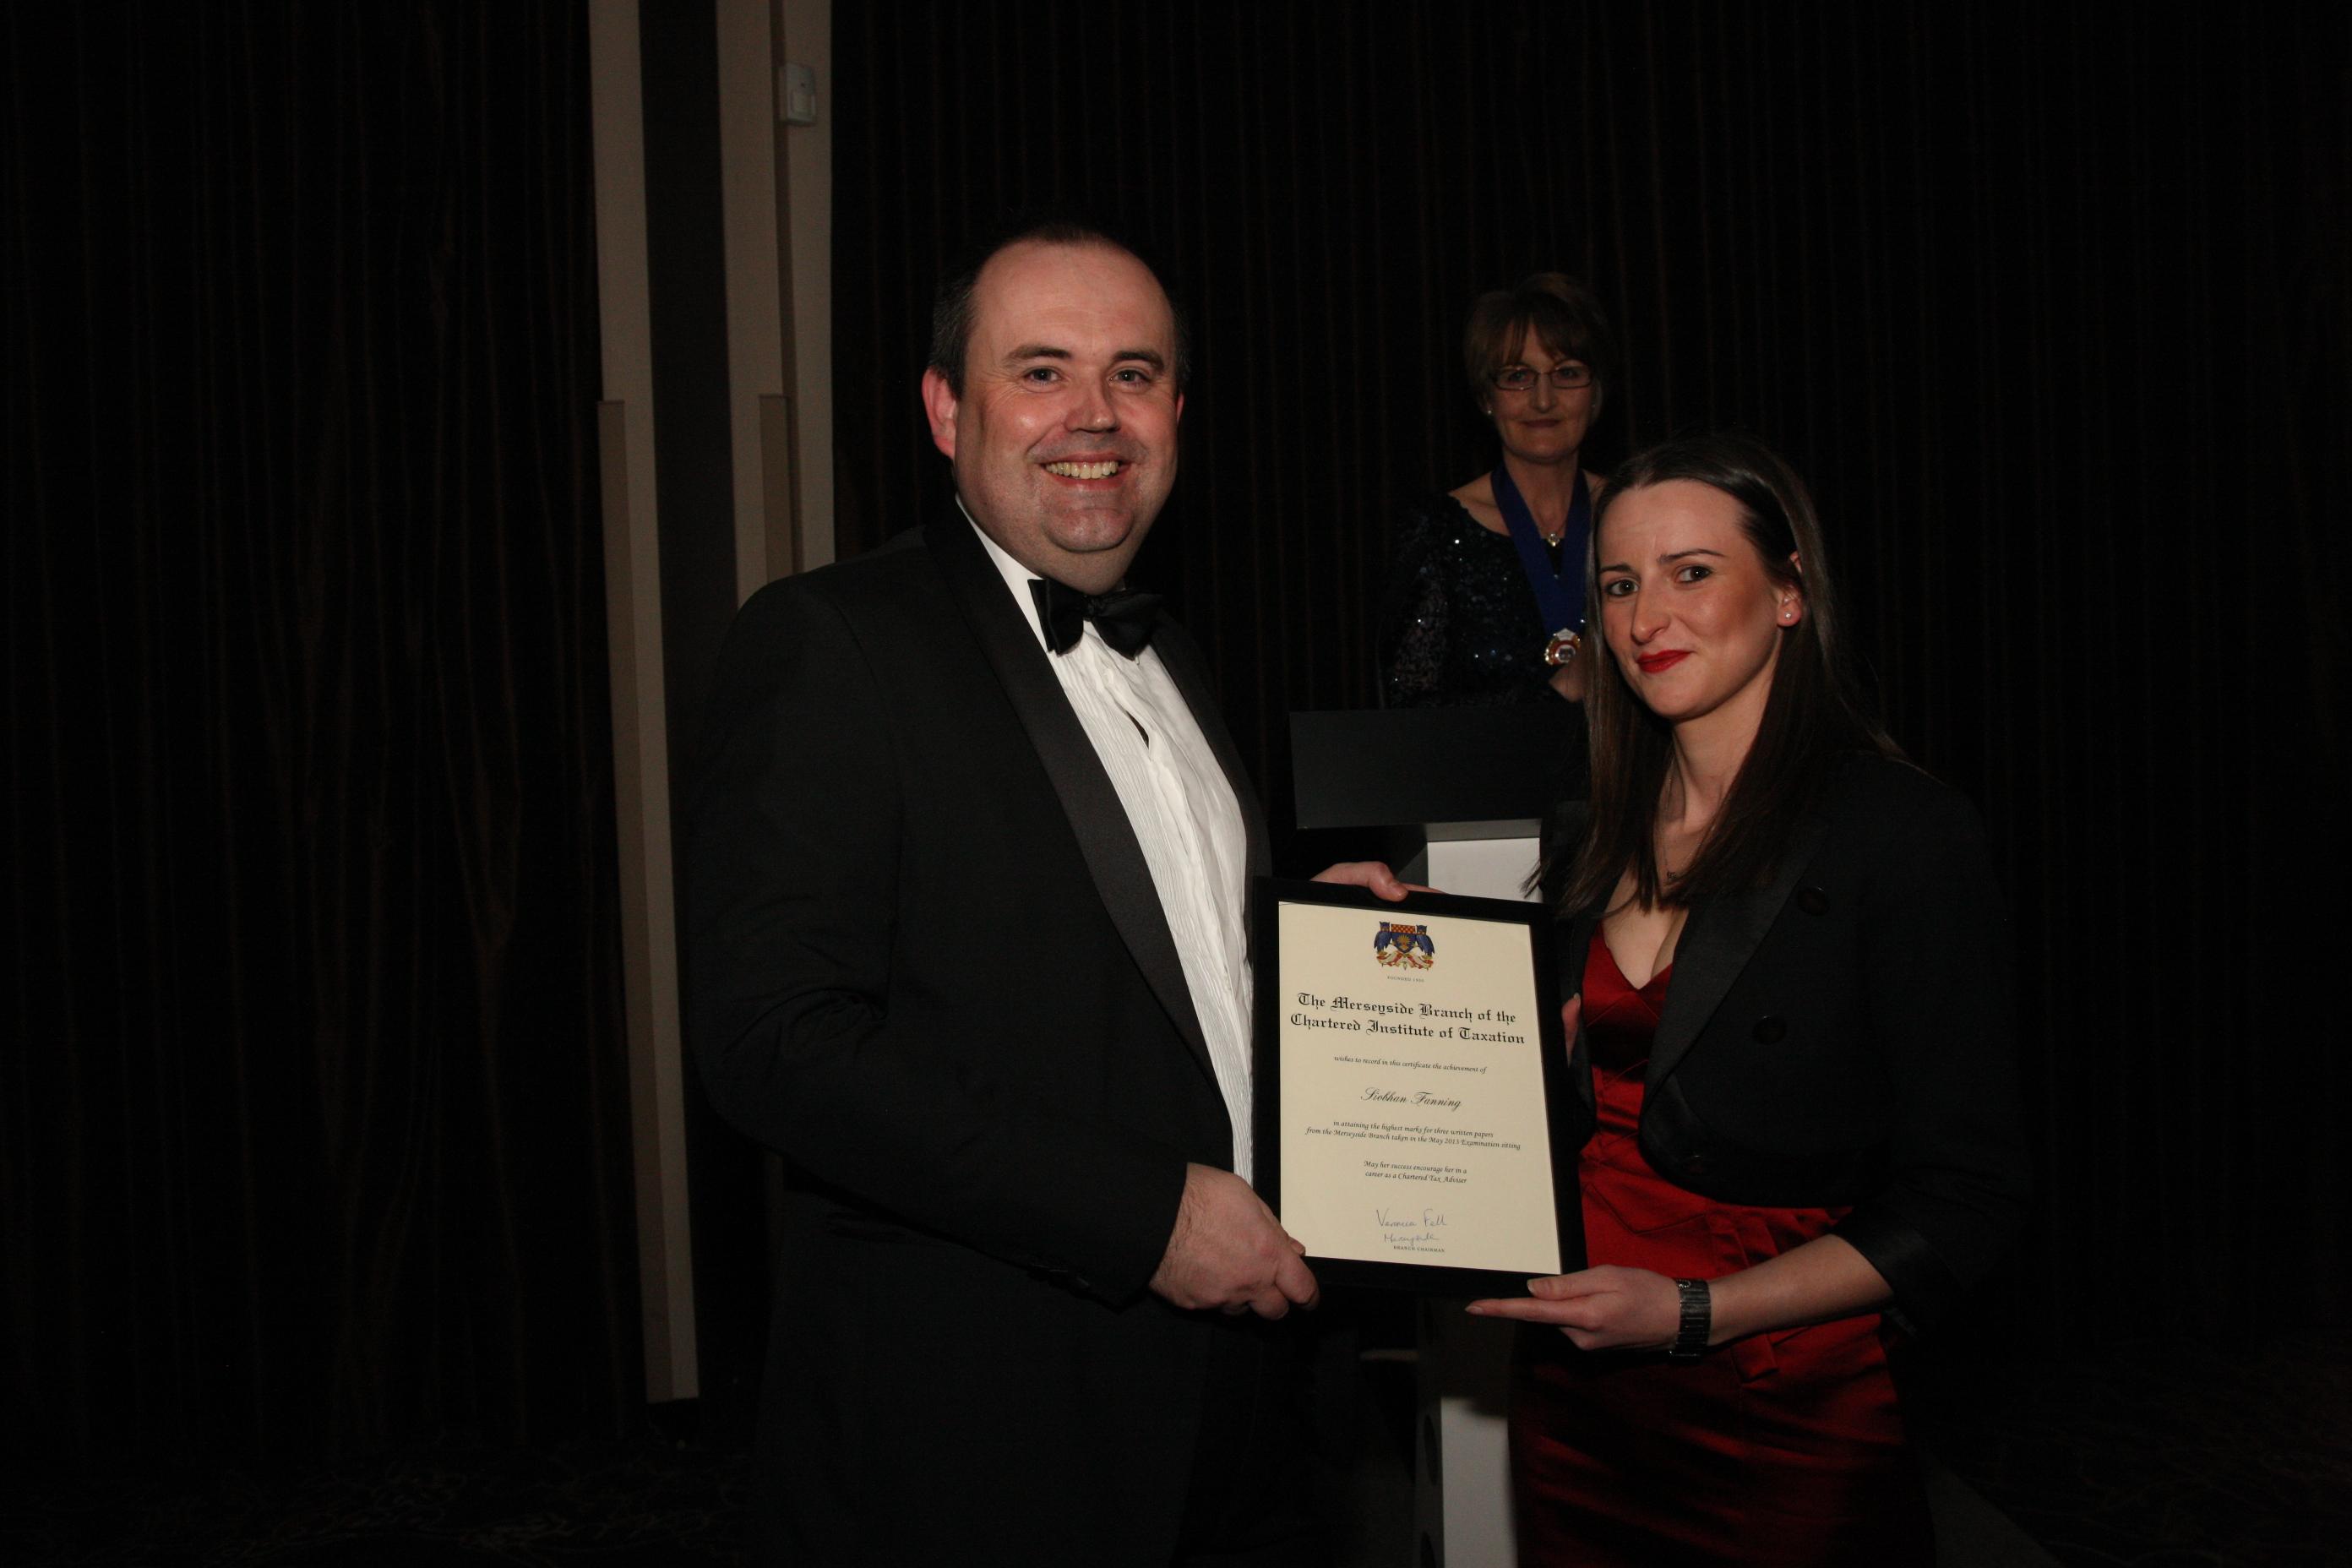 Siobhan Award